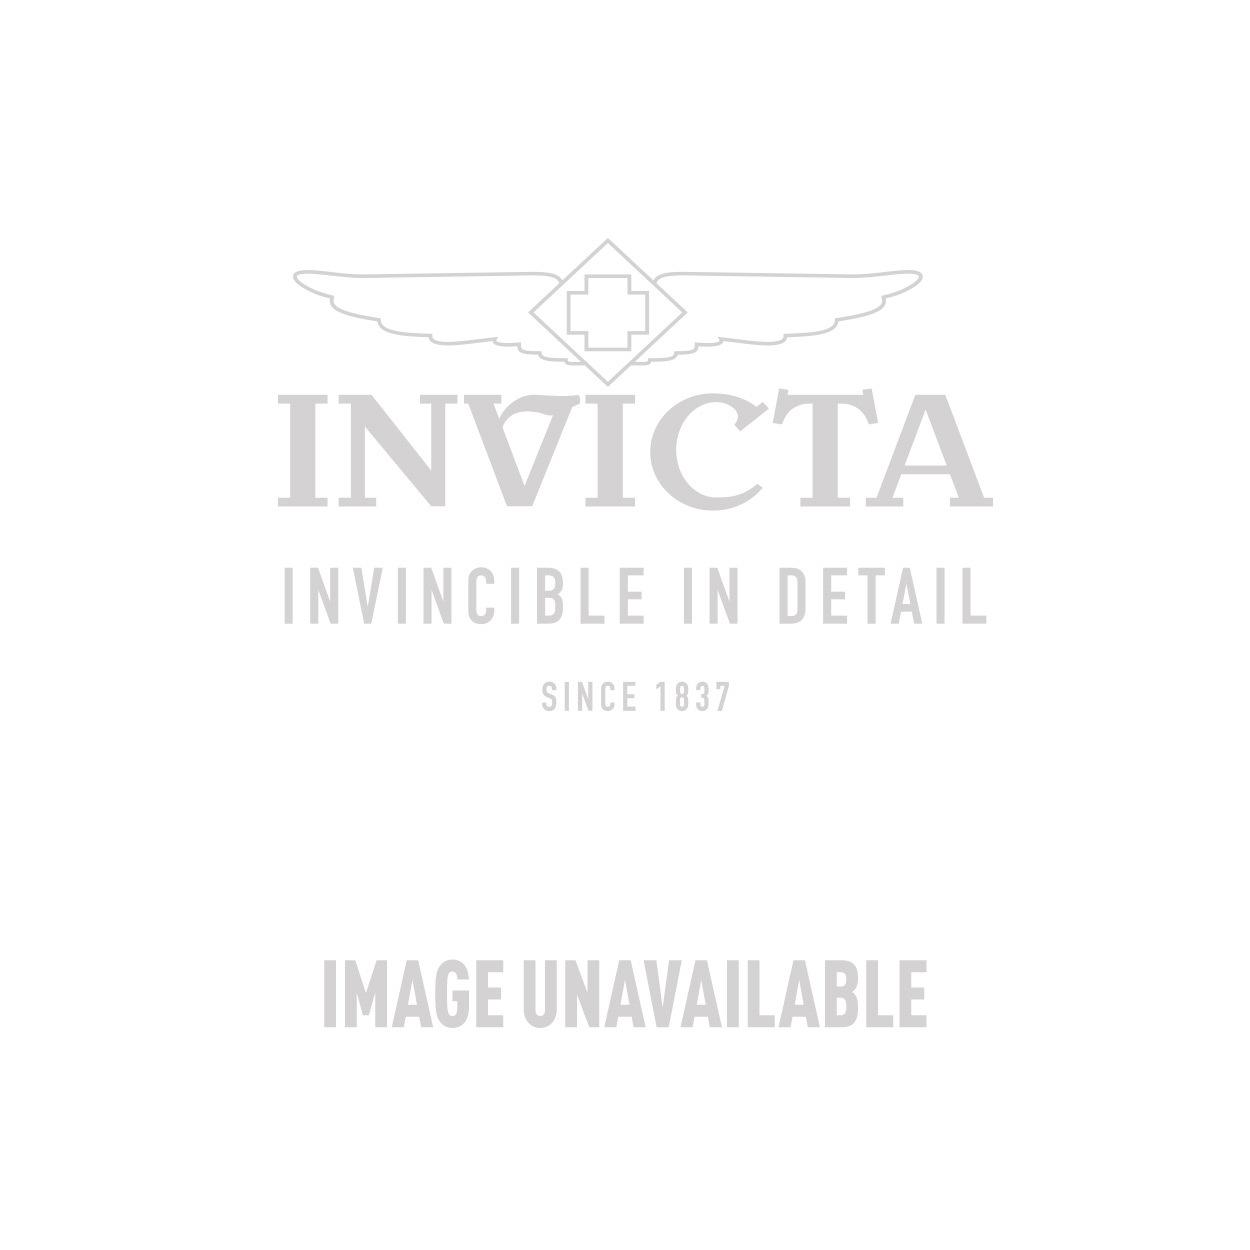 Invicta Model 28244